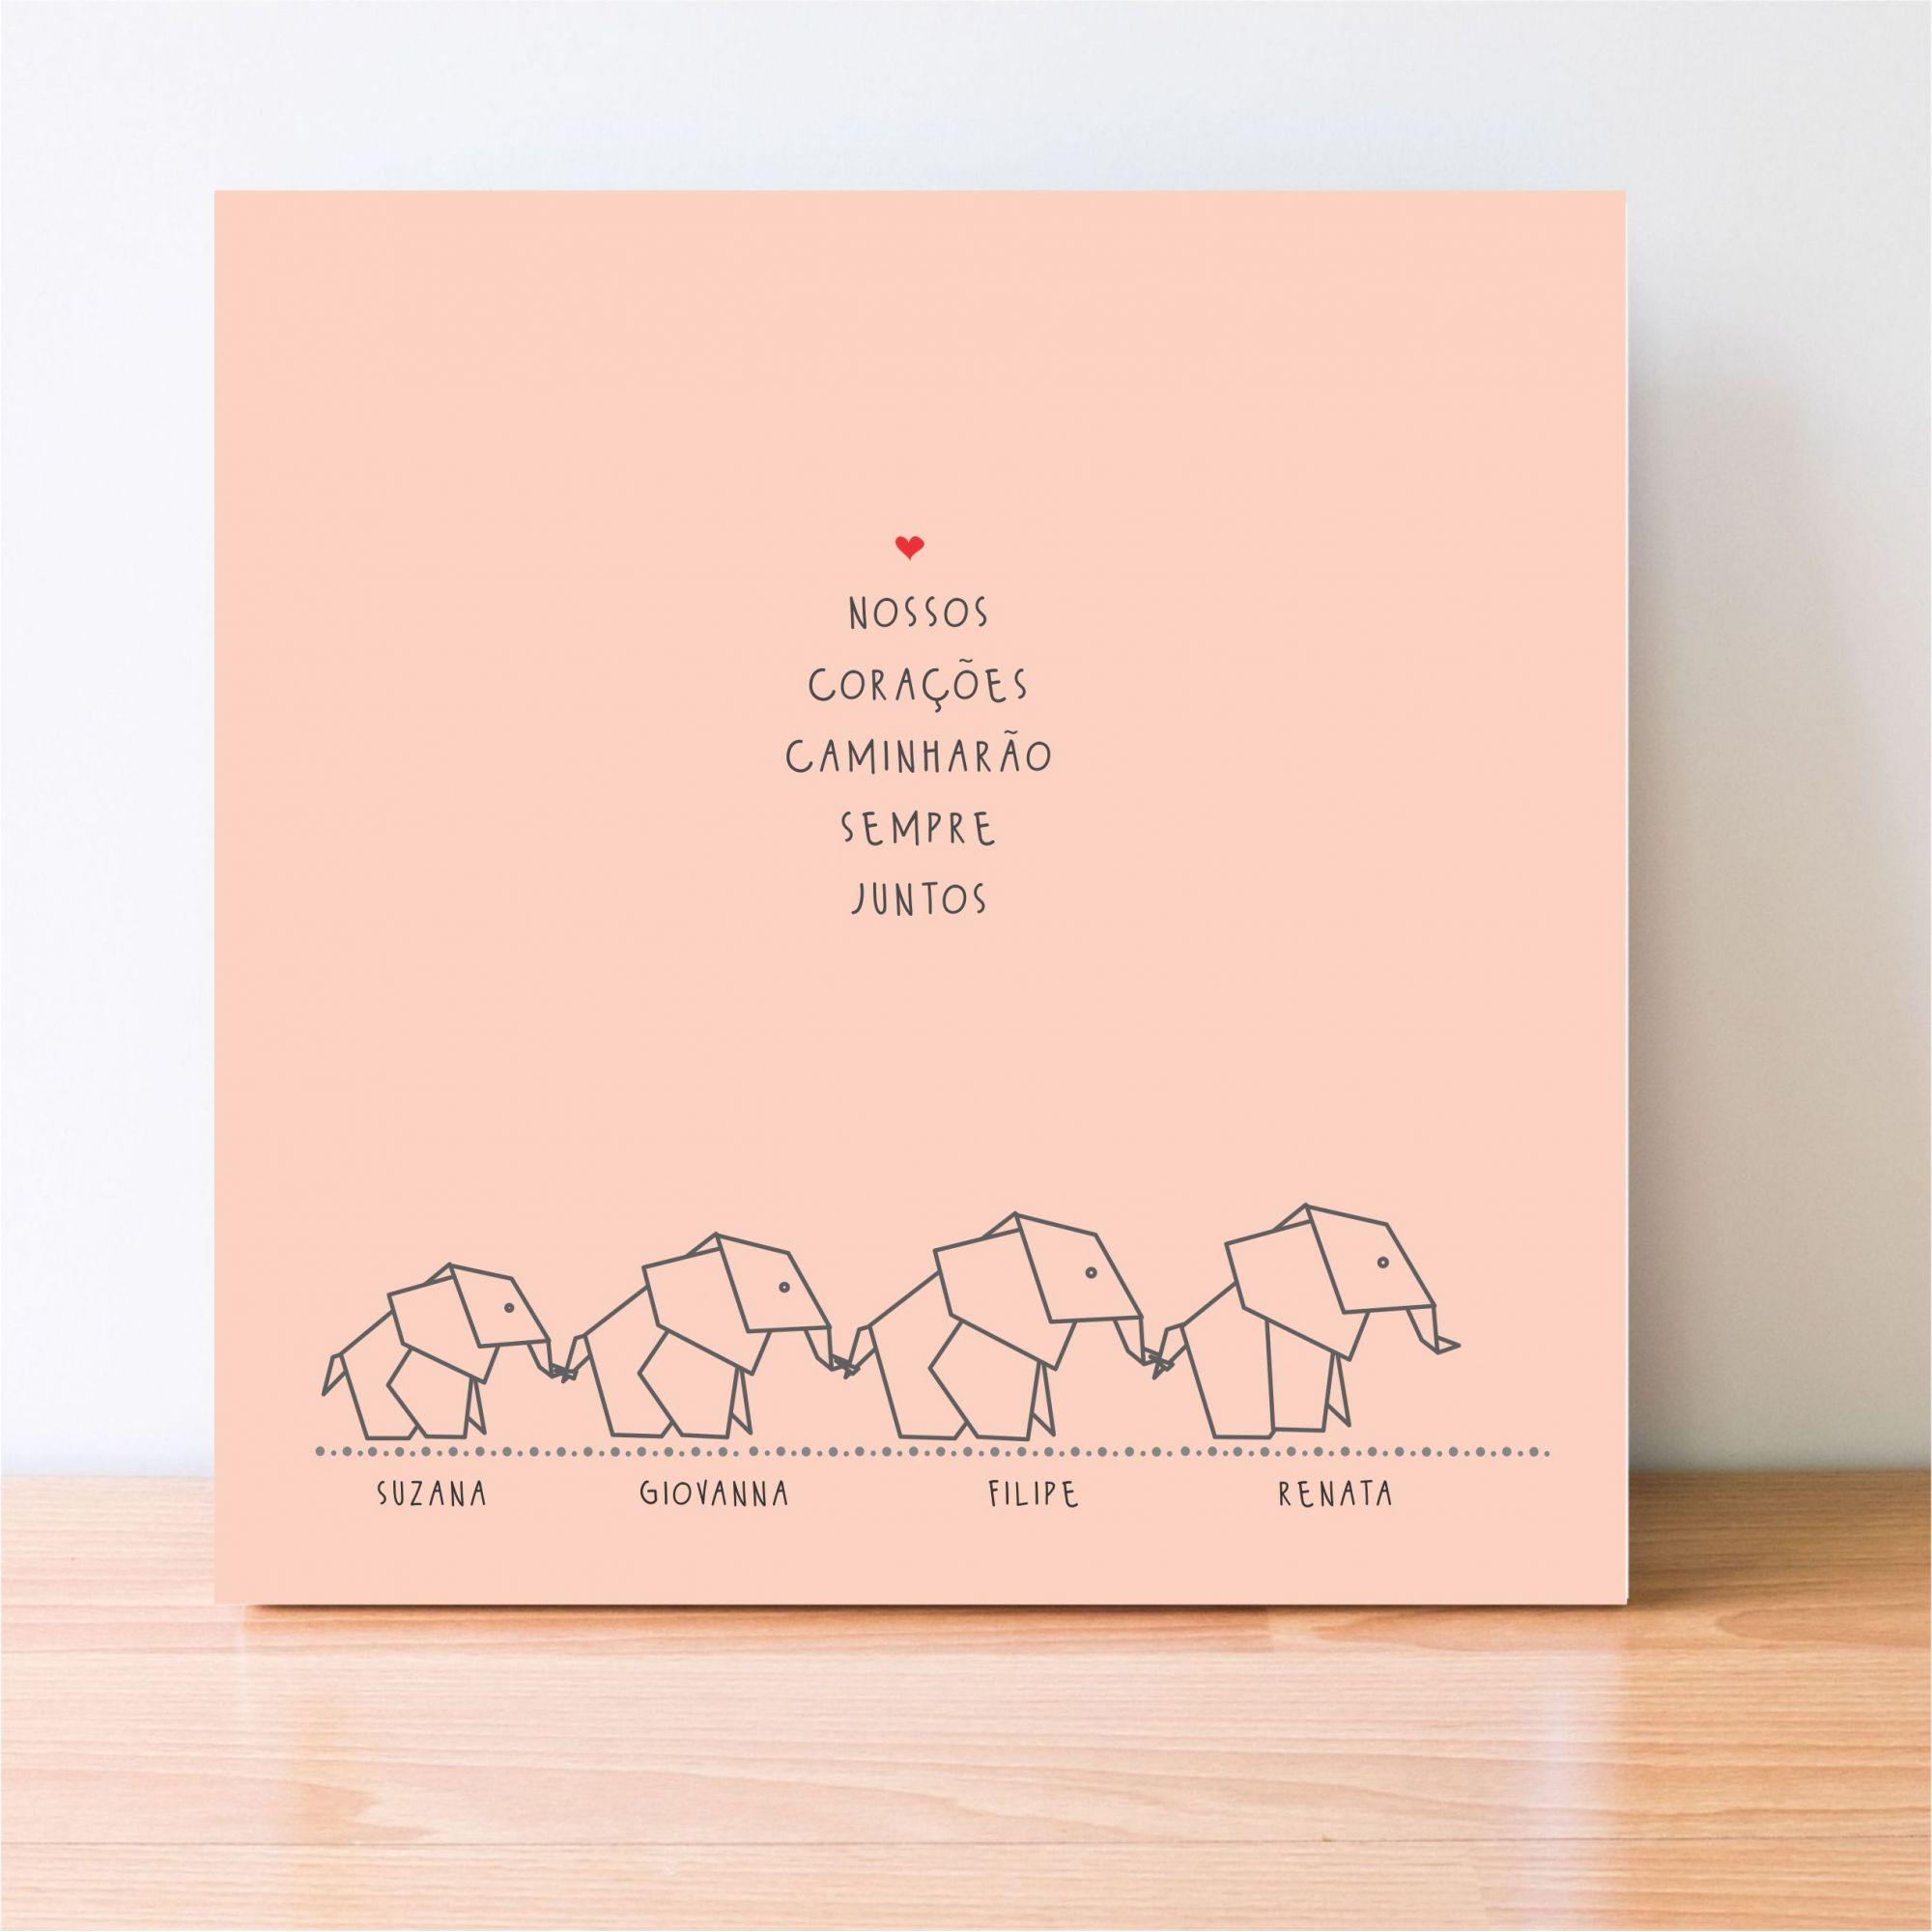 Quadro Personalizado Frase Família - Elefantes - Nossos corações caminharão sempre juntos